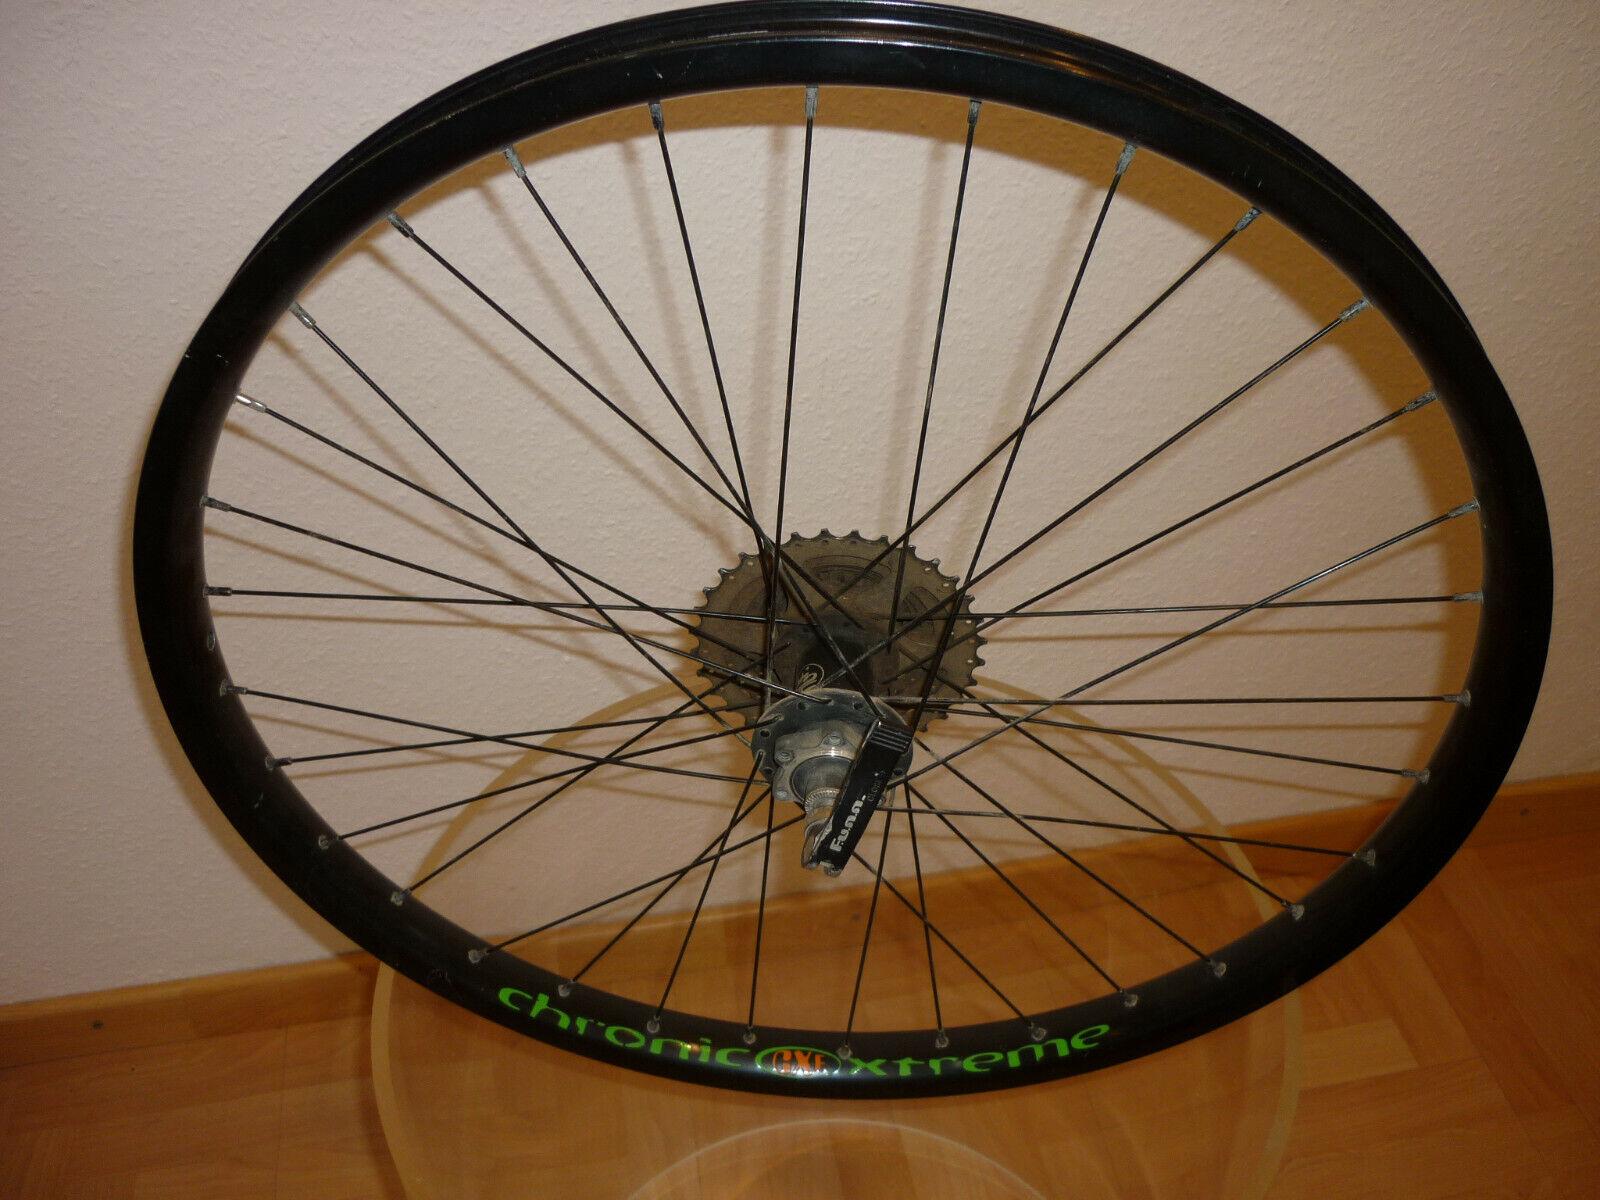 Estable ruedas 26' 9 especialistas cubo funn chronic Xtreme lastenrad transportrad